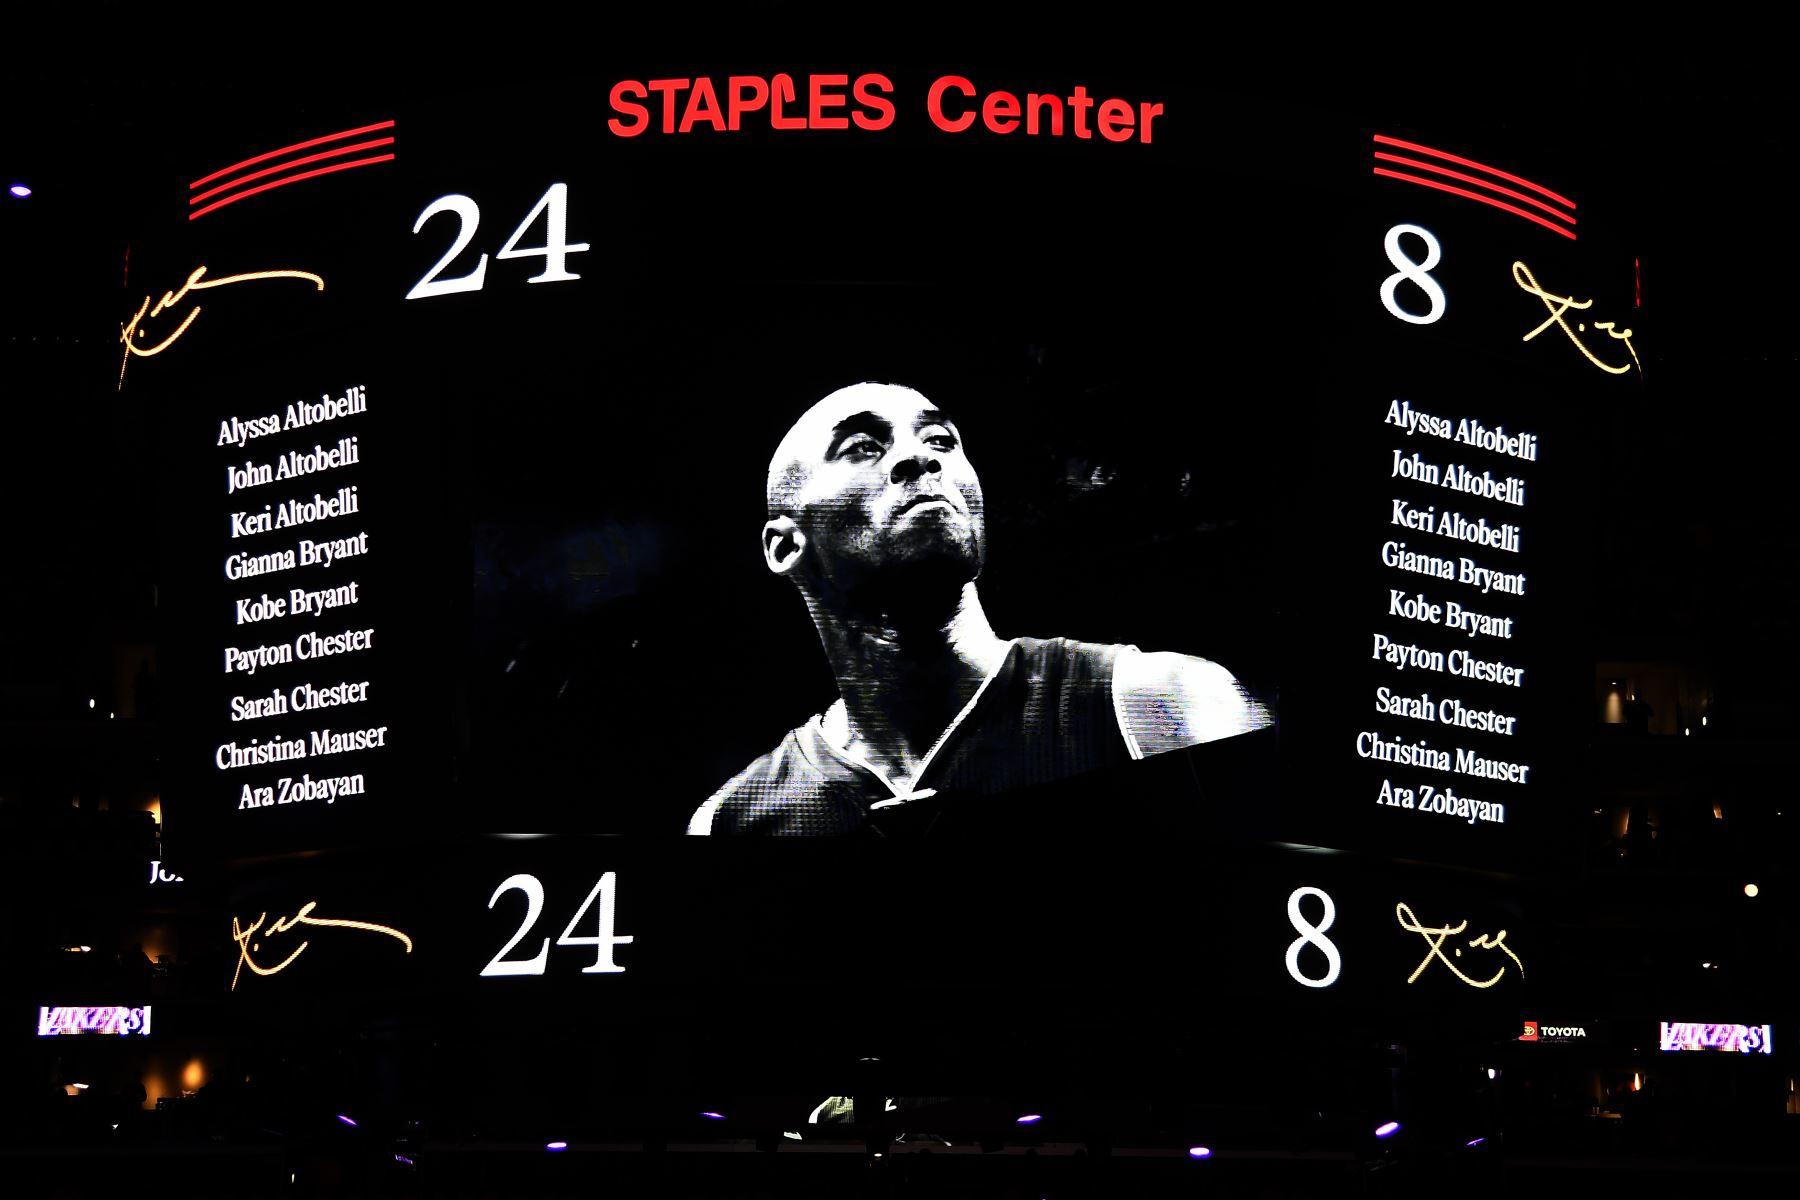 Los Ángeles Lakers honran a las nueve víctimas del accidente de helicóptero del domingo, durante la ceremonia previa al juego para Kobe Bryant antes del juego contra los Portland Trail Blazers en el Staples Center  en los Ángeles, California.  Foto: AFP